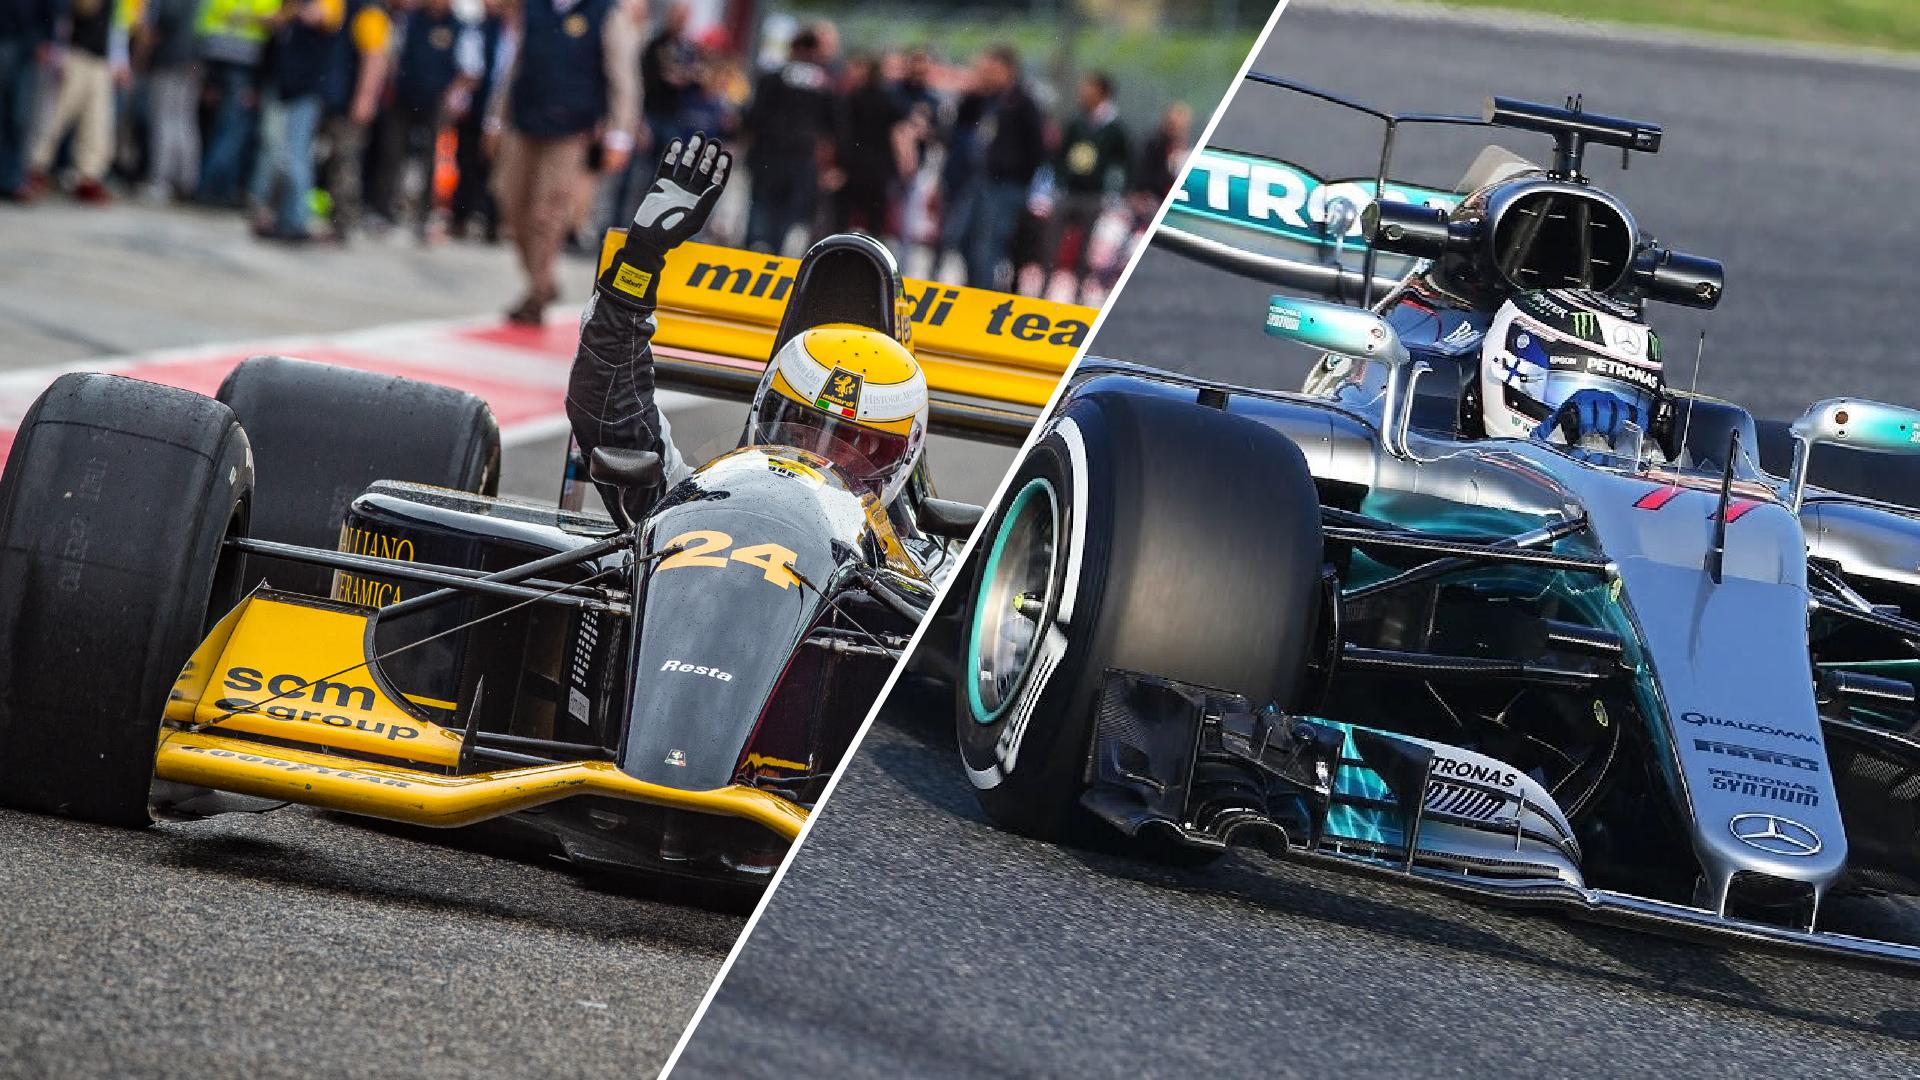 """Motor Valley in festa con il """"Trofeo Bandini"""" e il """"Minardi Day""""."""